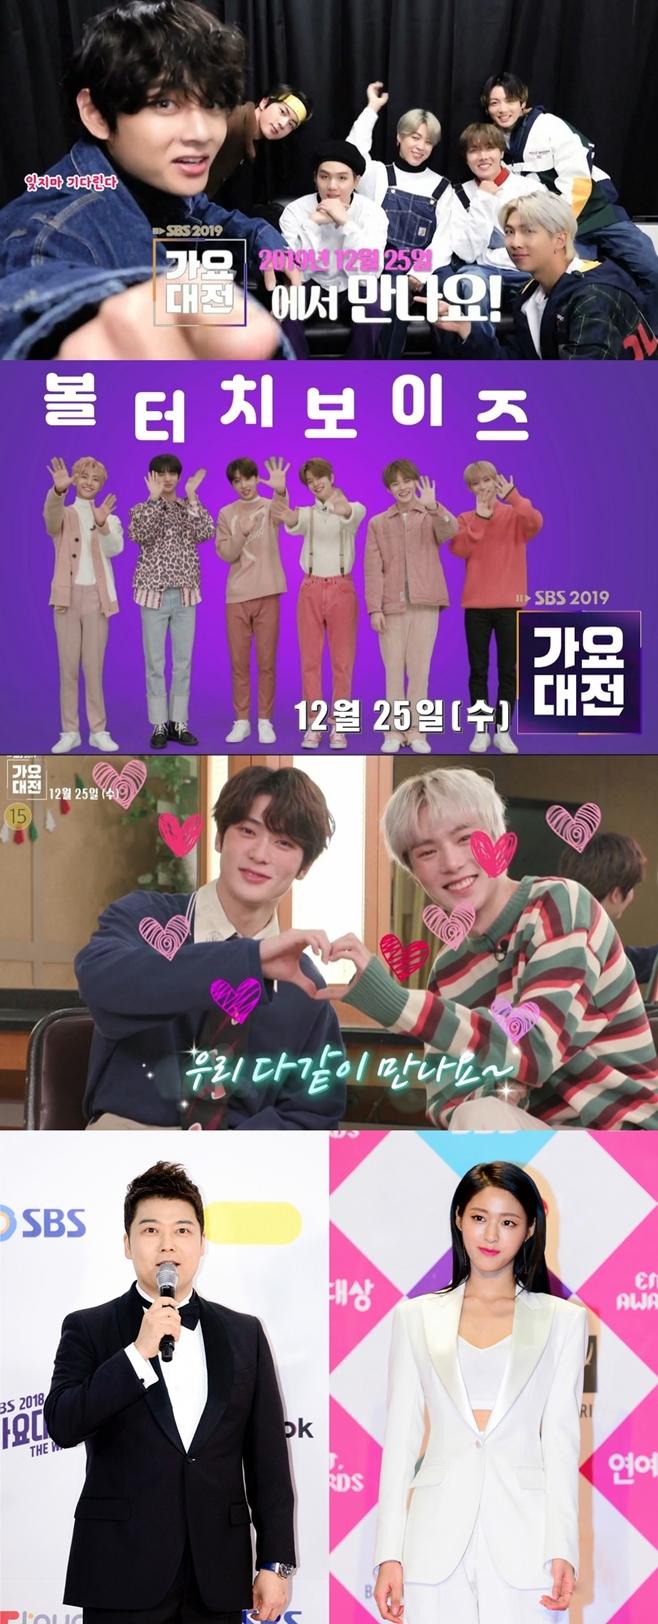 2019 SBS 가요대전, 방탄소년단, 전현무, 설현